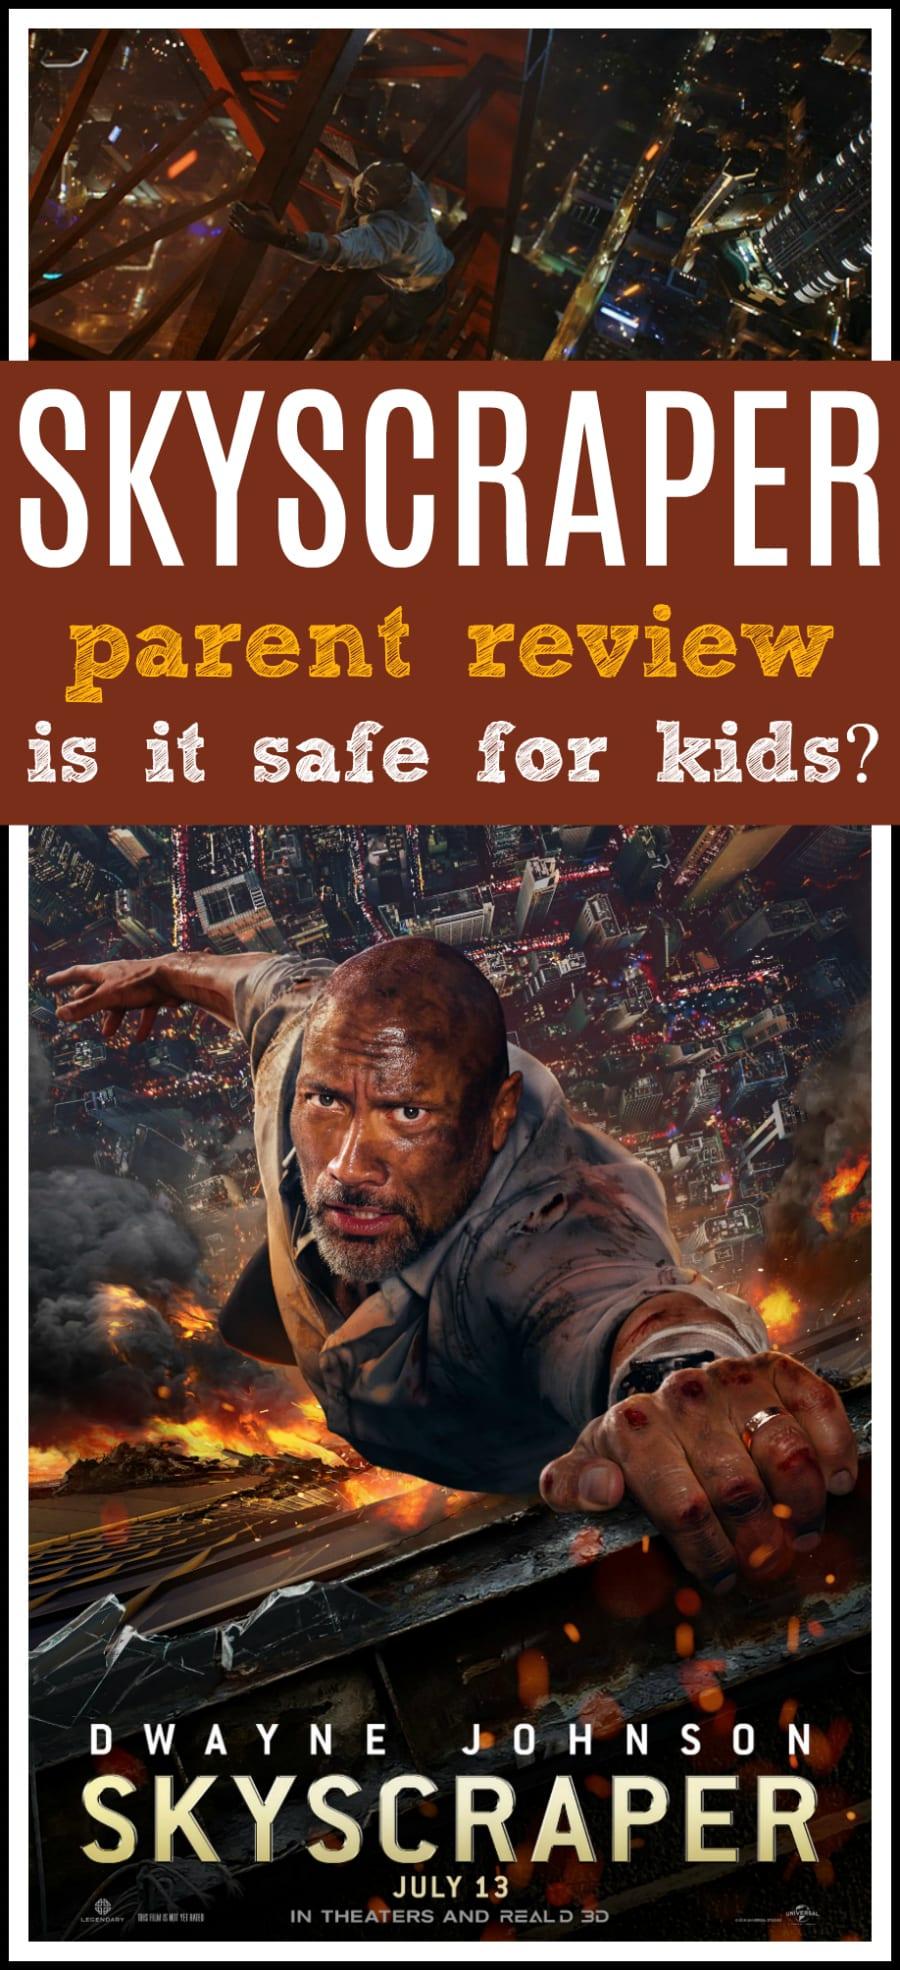 Skyscraper movie review for children